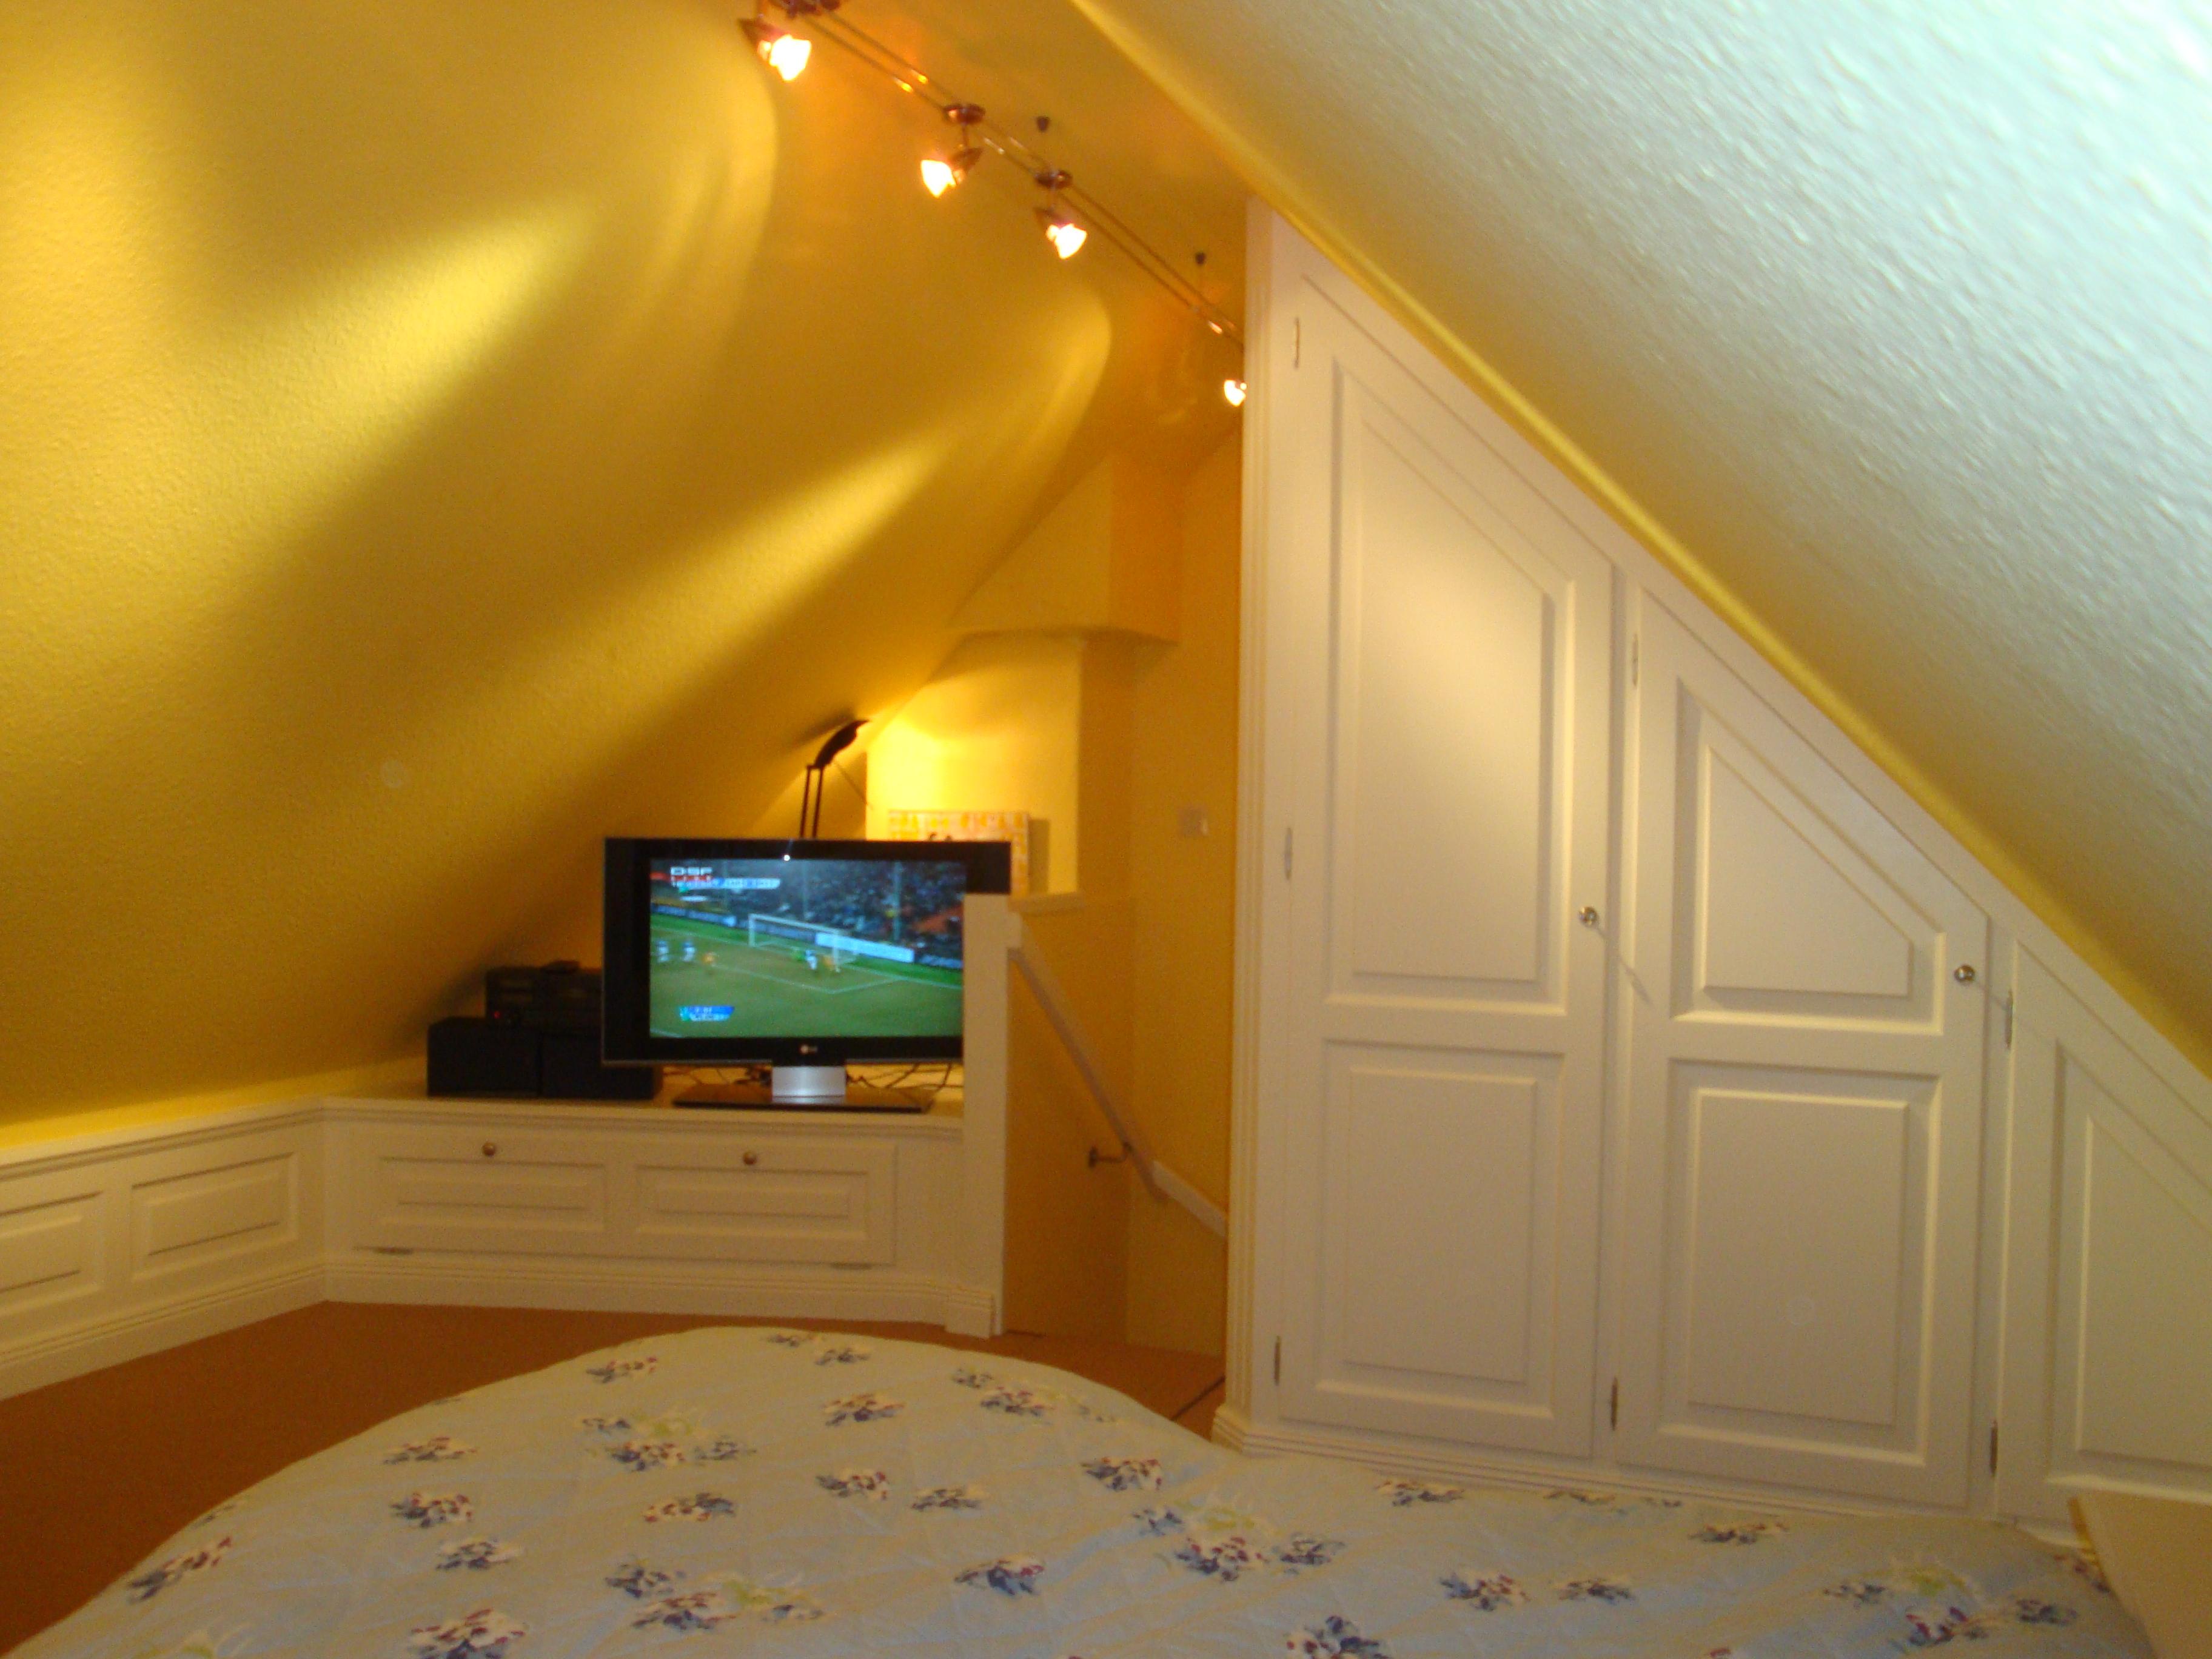 dachgeschoss kinderfreundliches ferienhaus auf sylt haus finkenkoje. Black Bedroom Furniture Sets. Home Design Ideas